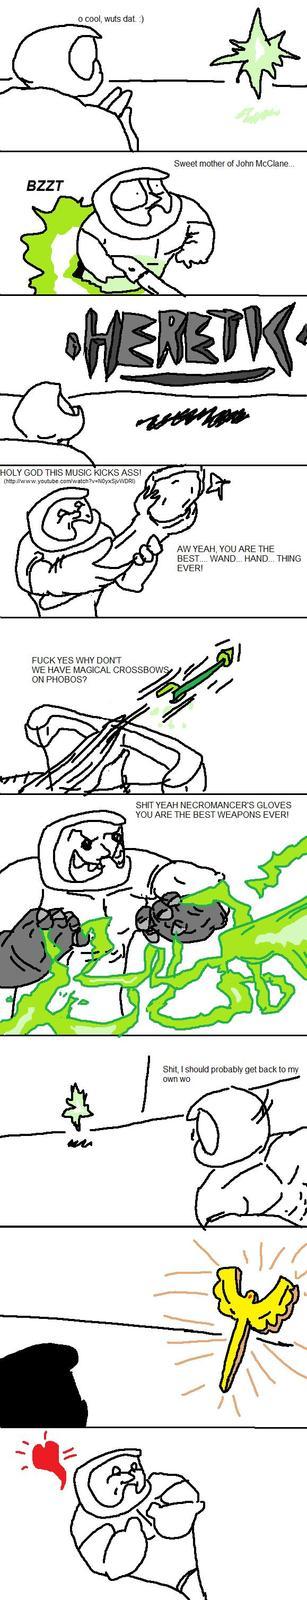 Quando o Doomguy vai passear no universo do Heretic